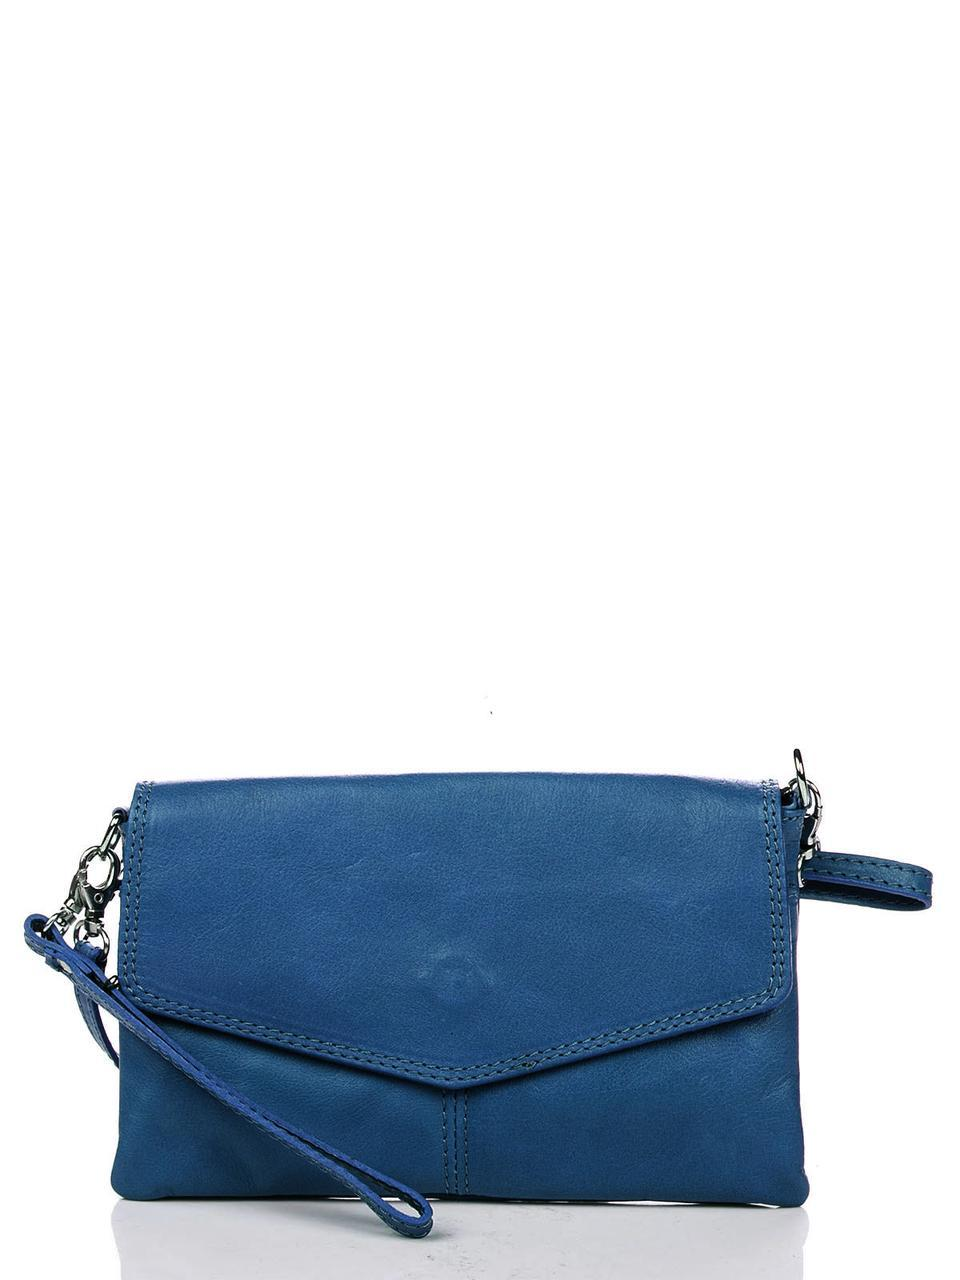 Итальянская сумка DIANA Diva's Bag цвет синий